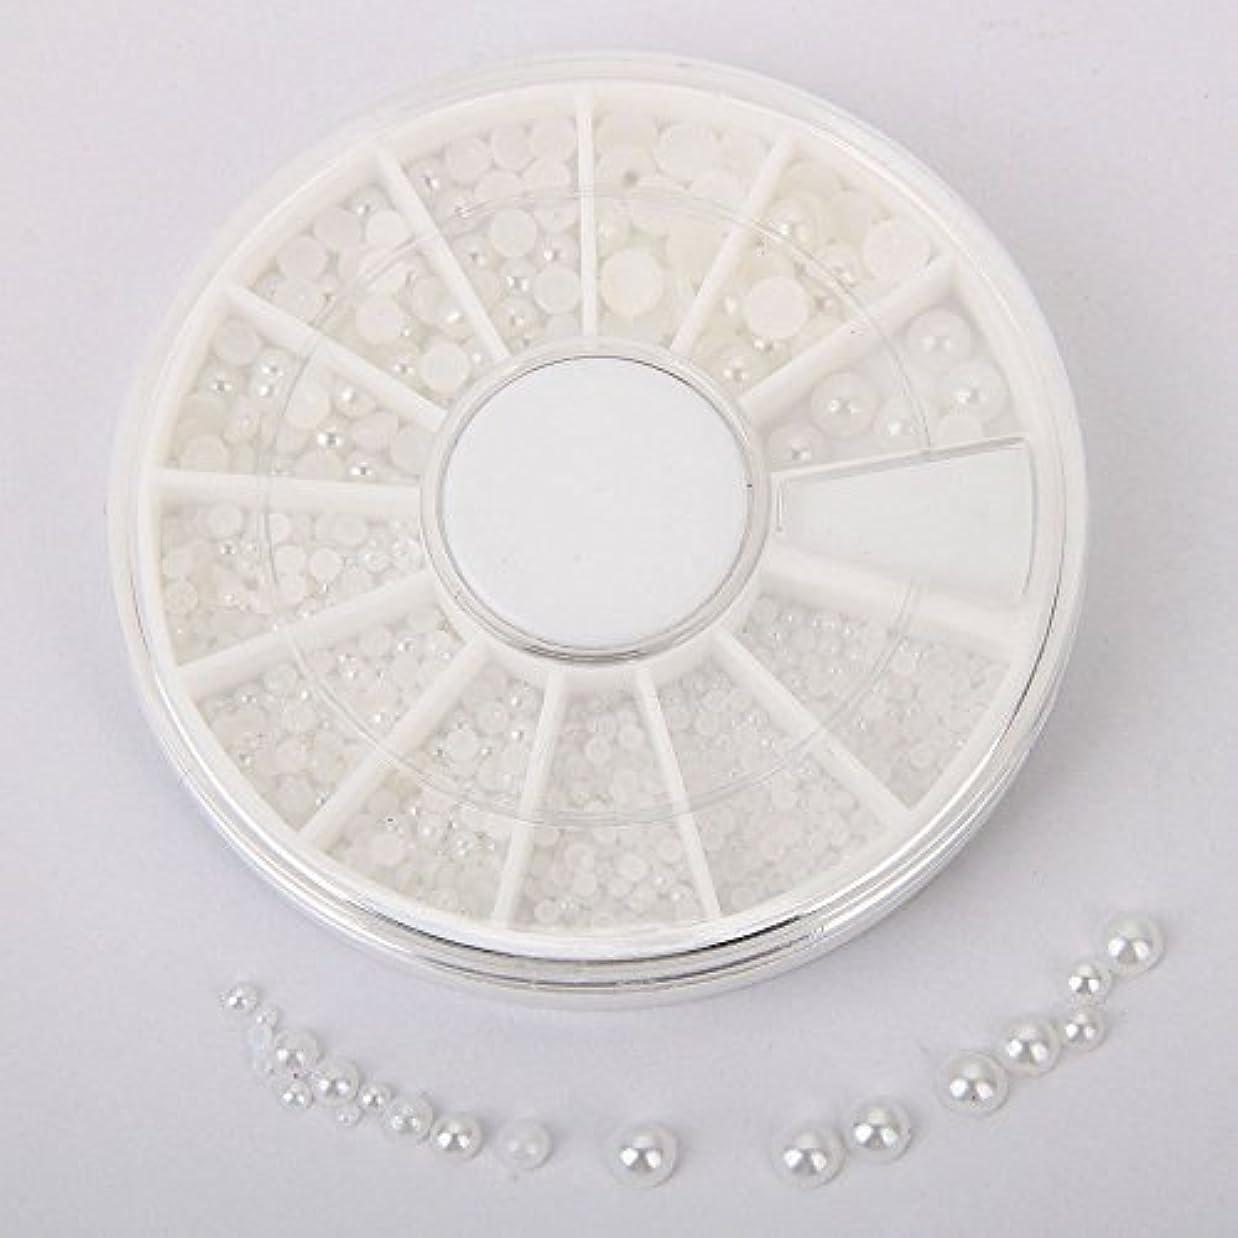 説明するにやにやストレスシンディー ネイルアートパーツ 半円パール(ホワイト) マニキュアデコ用パール 1.5mm,2mm,3mm,4mm ラウンドケース入 3Dデコレーション(01)